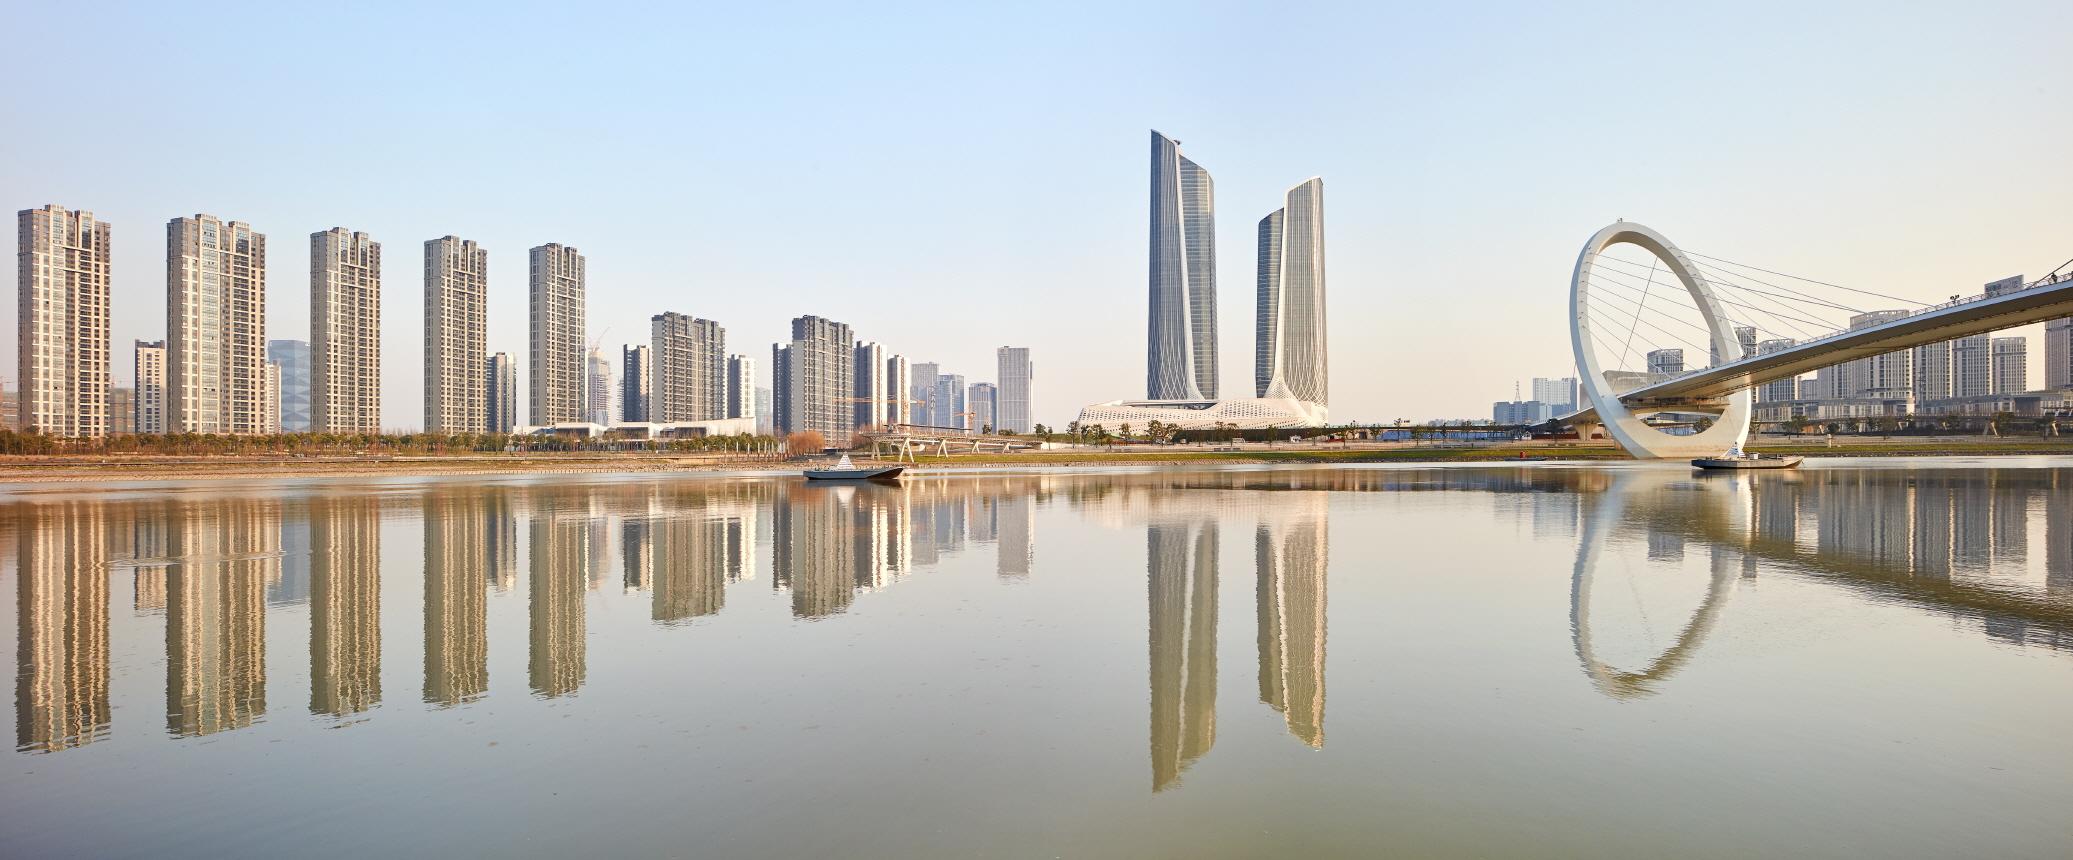 〔안정원의 건축 칼럼〕 양쯔강 허시 뉴타운을 배경으로 들어선 입체적이고 역동적인 건축 1